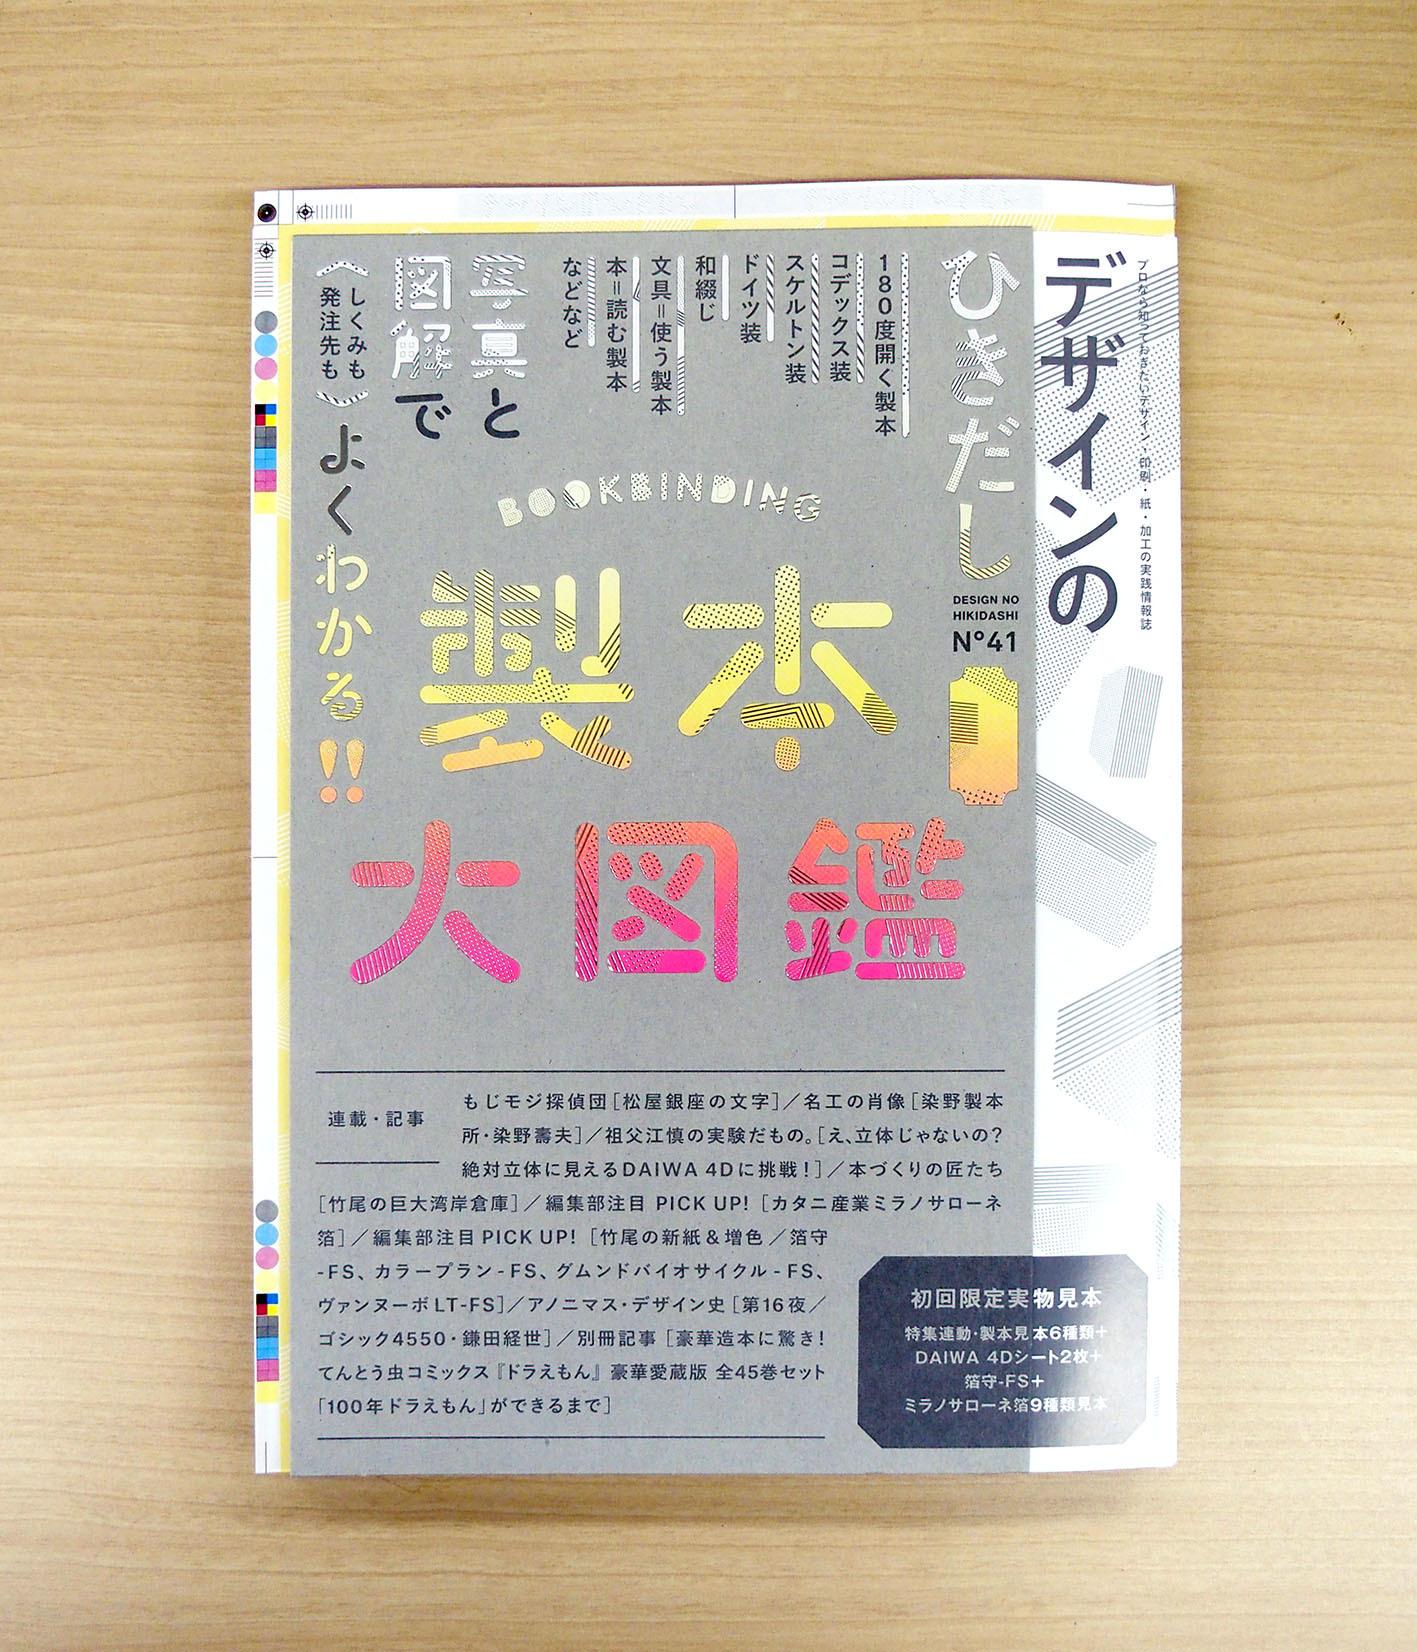 『デザインのひきだし41』で使っている紙を紹介!_c0207090_15014280.jpg